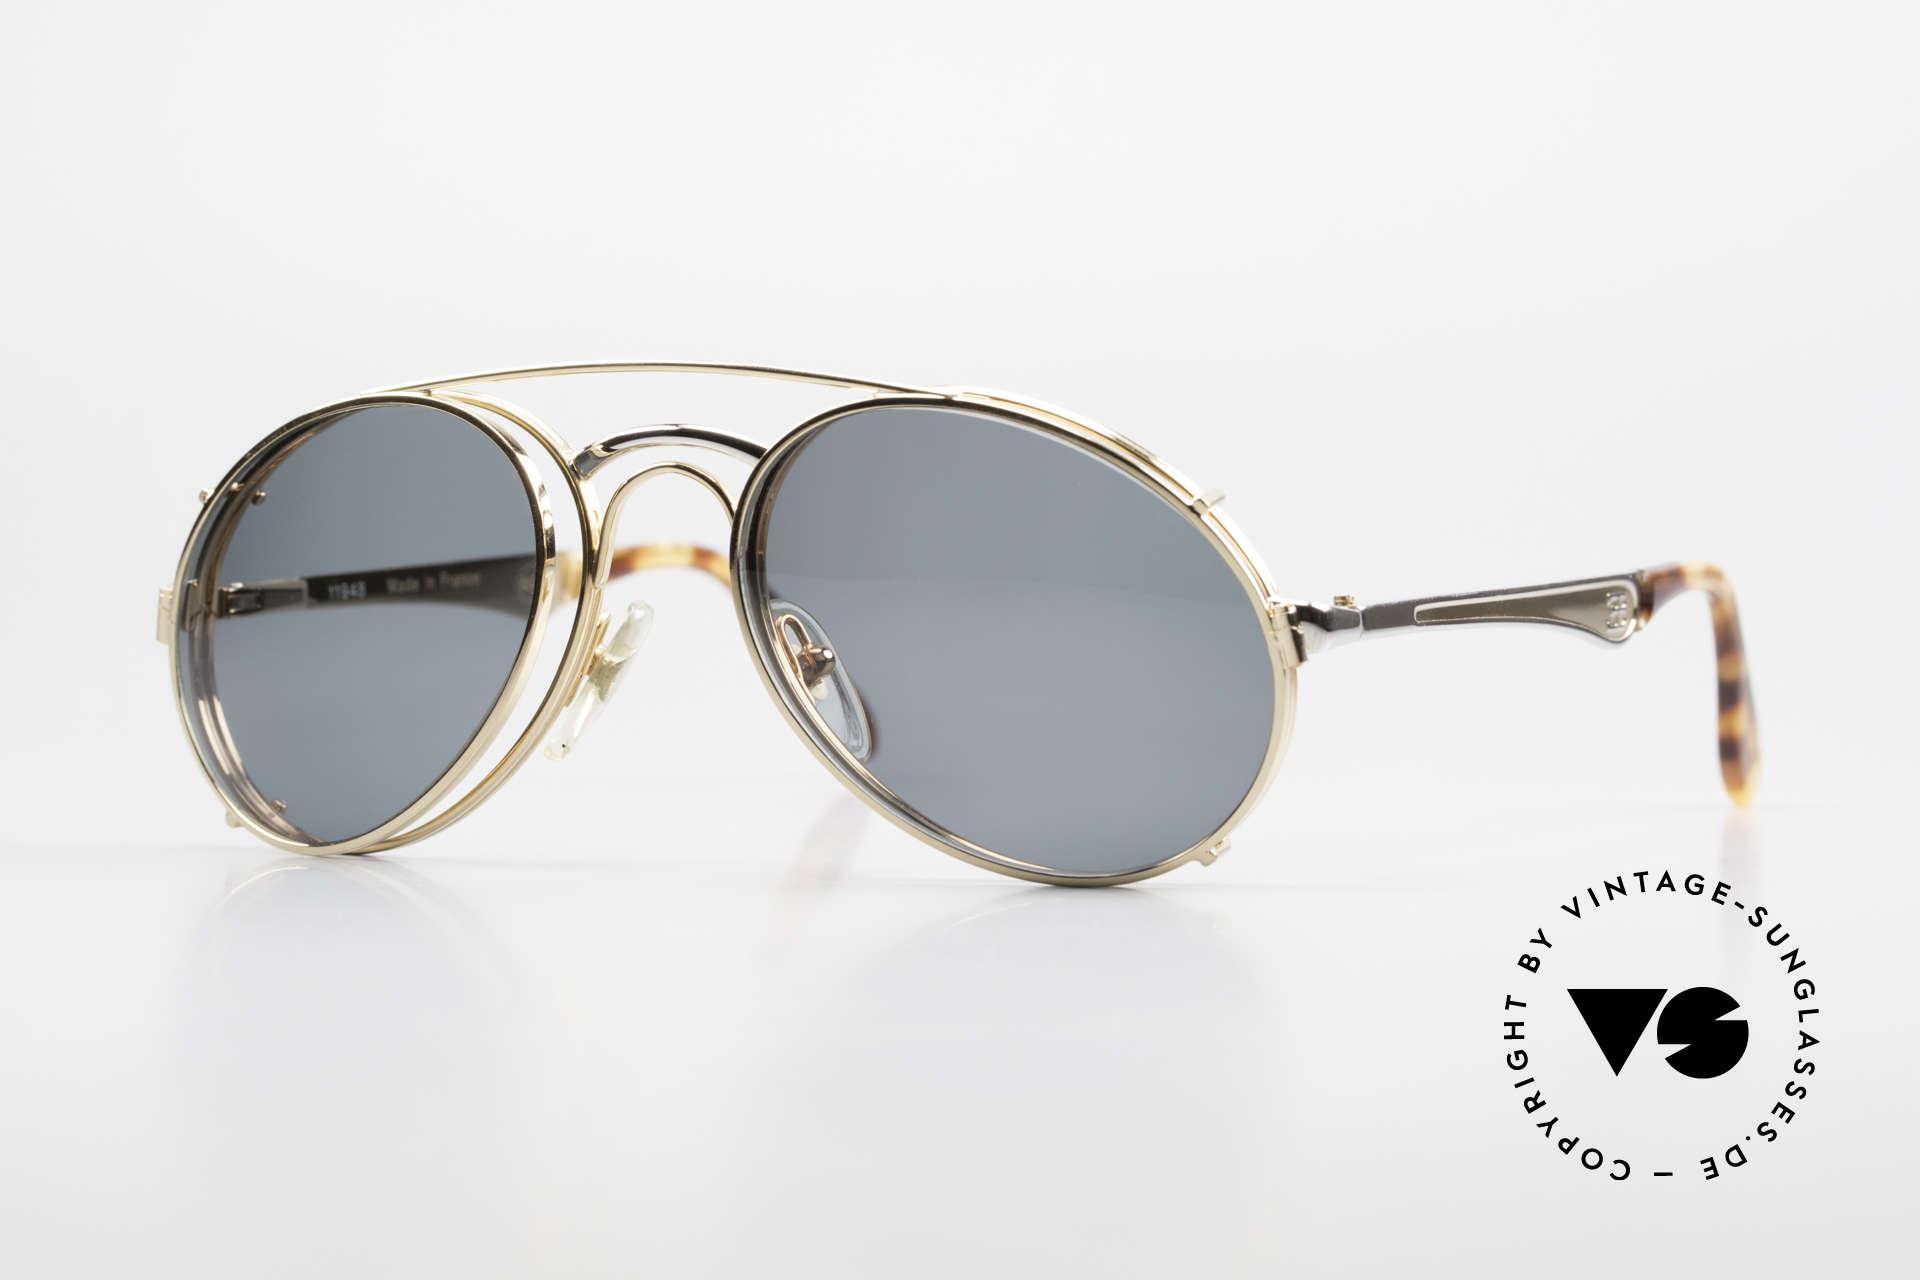 Bugatti 11948 Luxus Herrenbrille Mit Clip On, 80er vintage Herren-Brillenfassung in Gr. 52/20, Passend für Herren